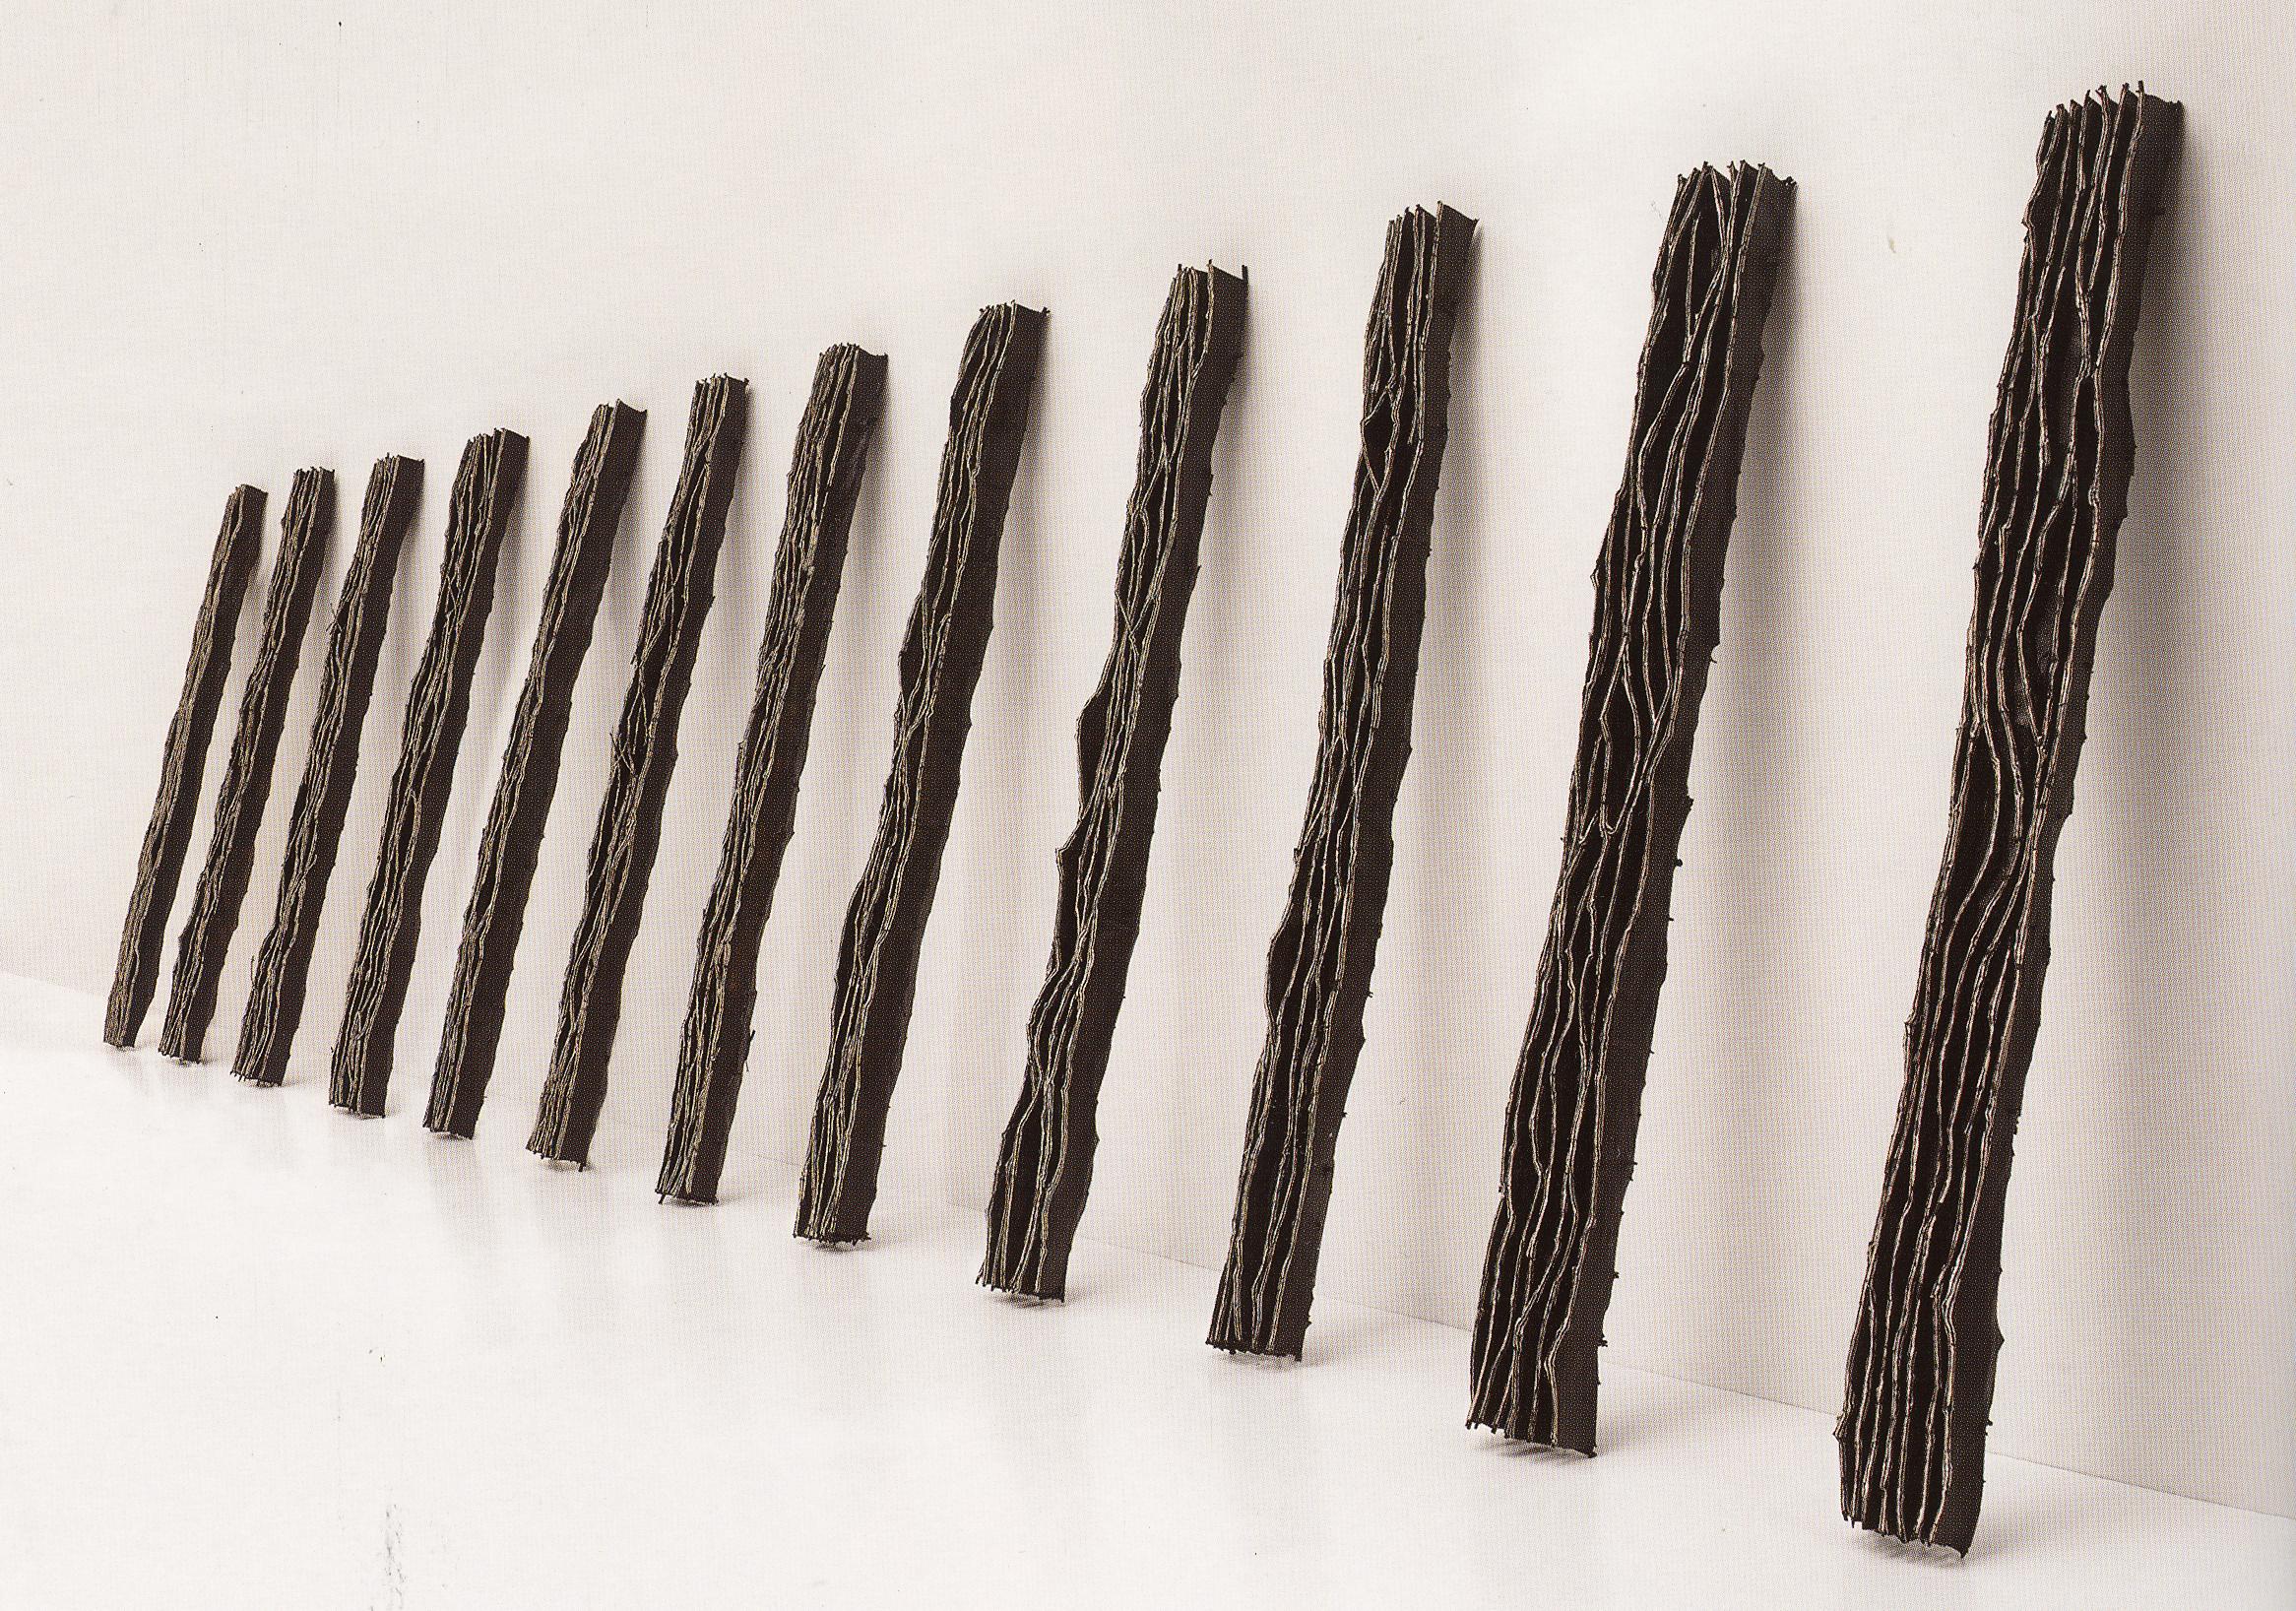 River, 1998,Twigs, Calico, Bituminous Paint, Cotton Thread,300 x 30-70 x 23 cm